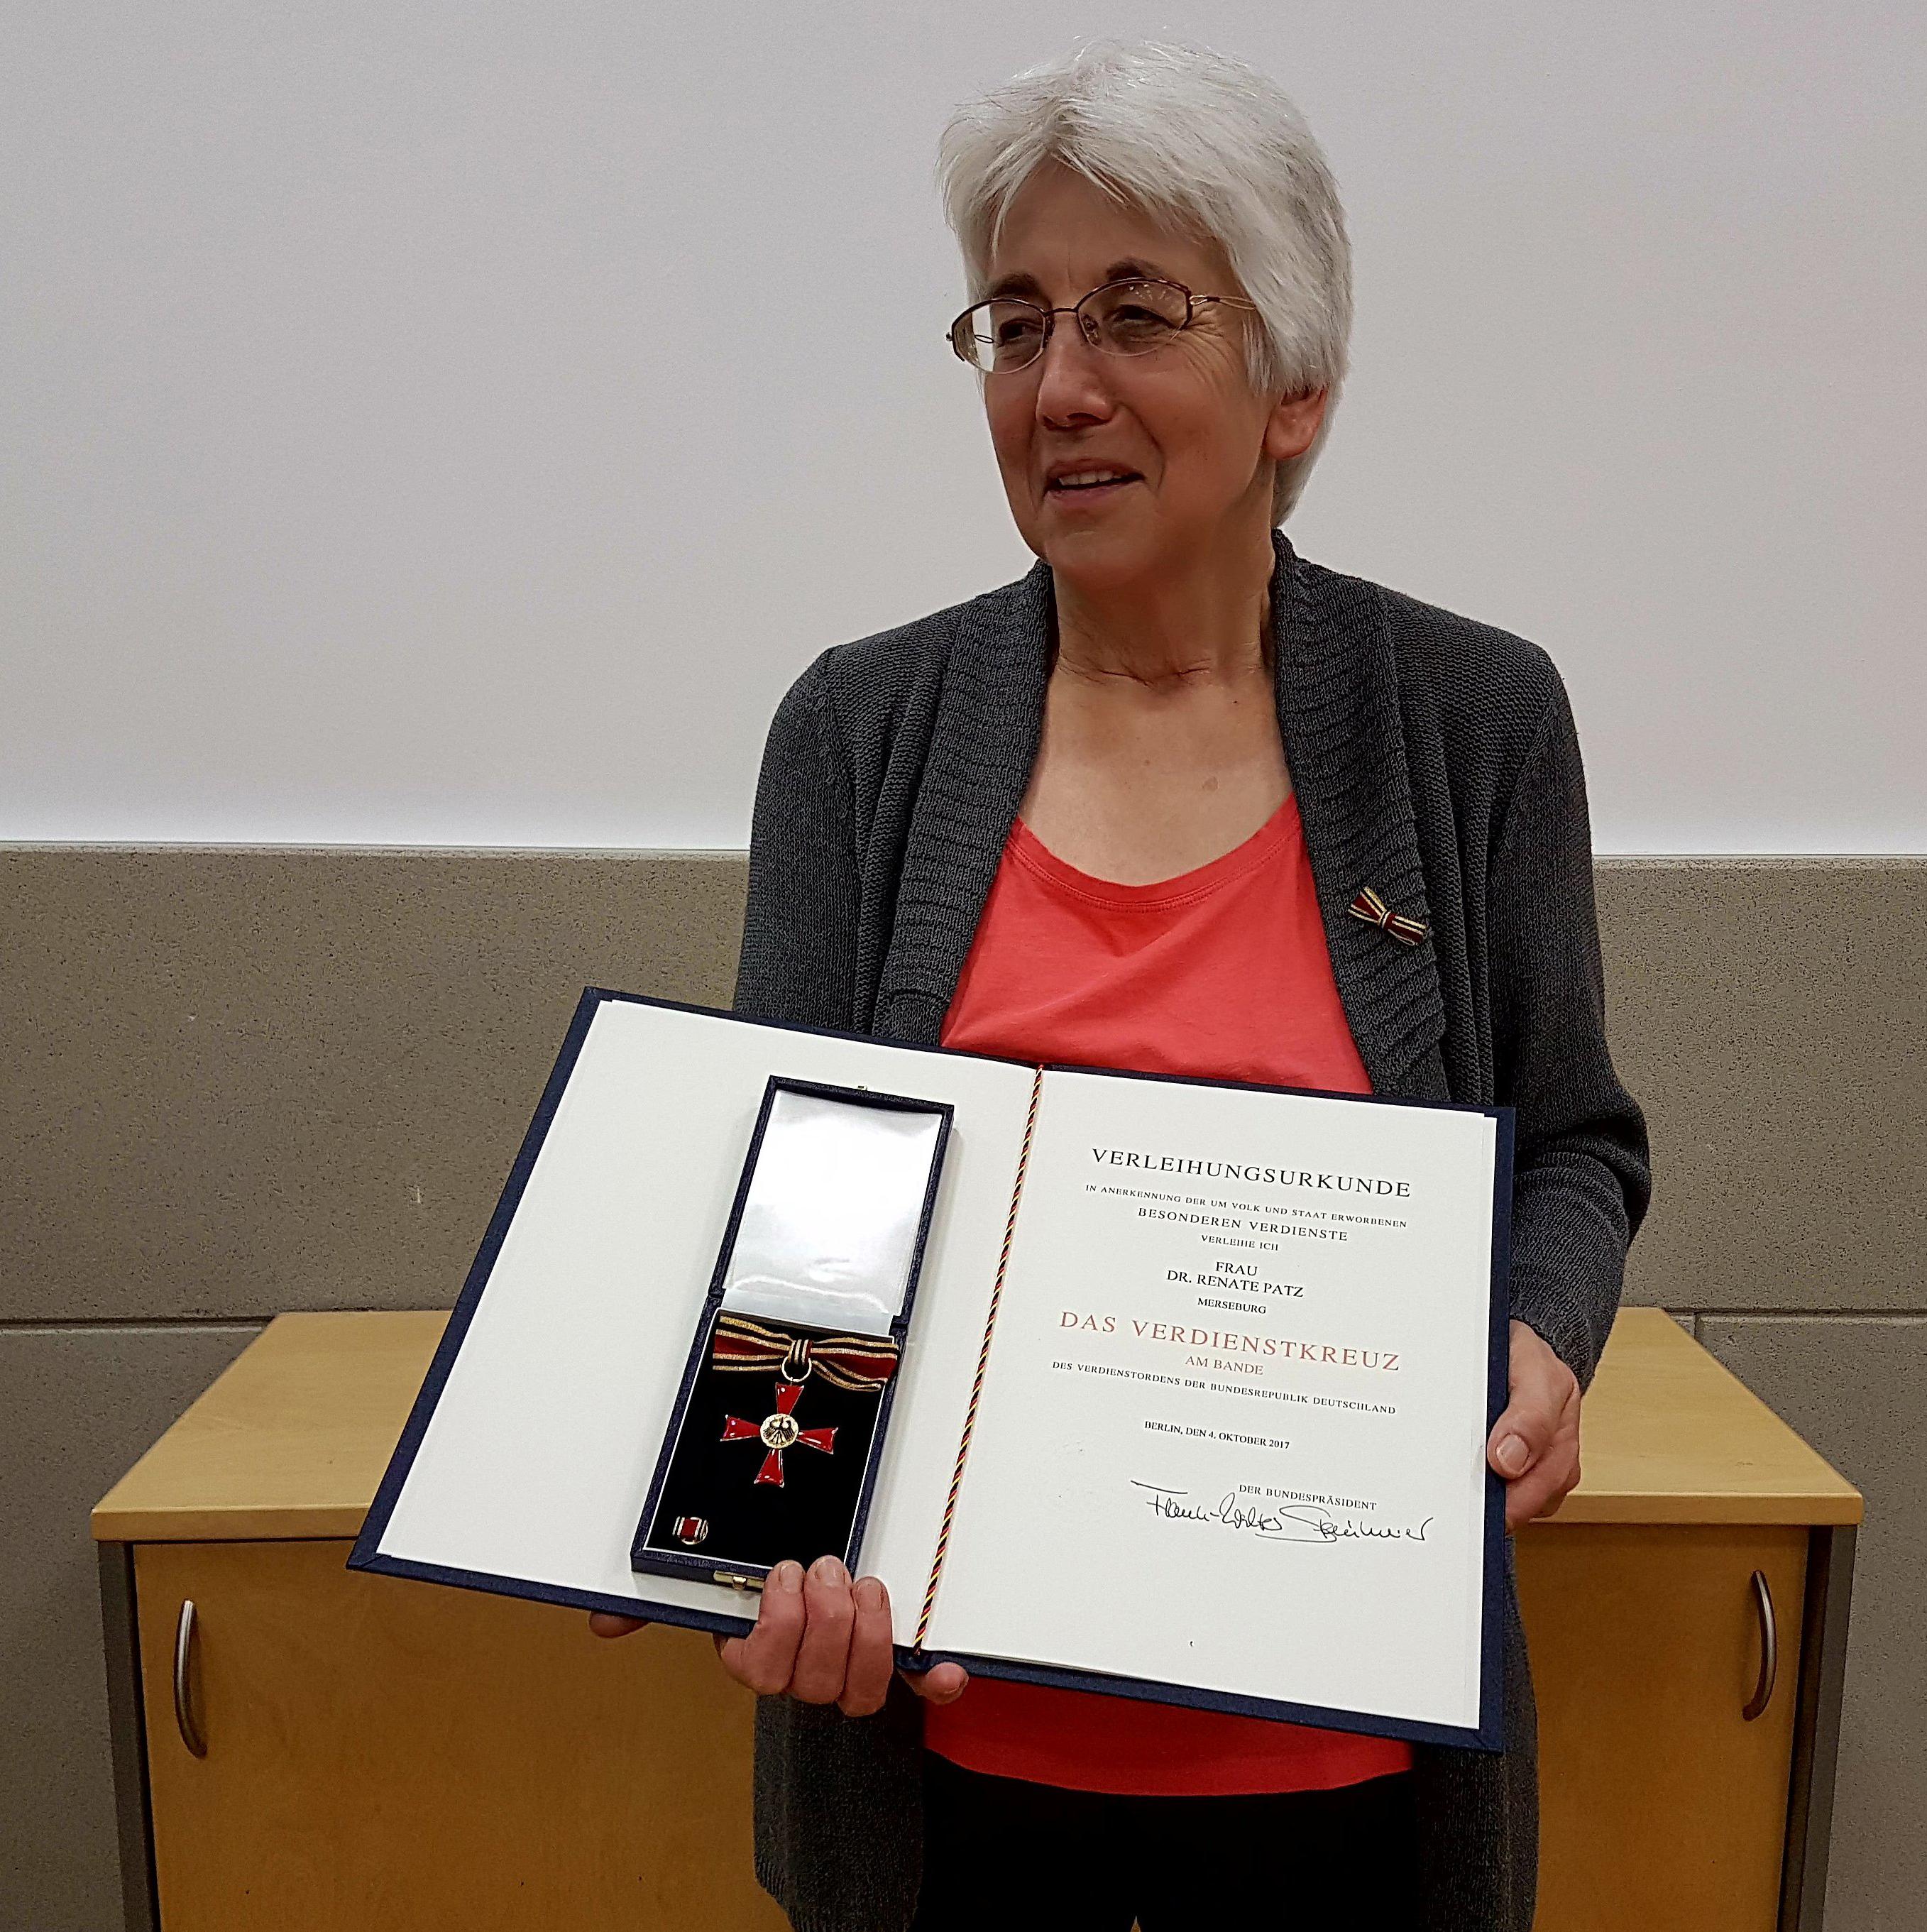 Verdienstorden für Dr. Renate Patz